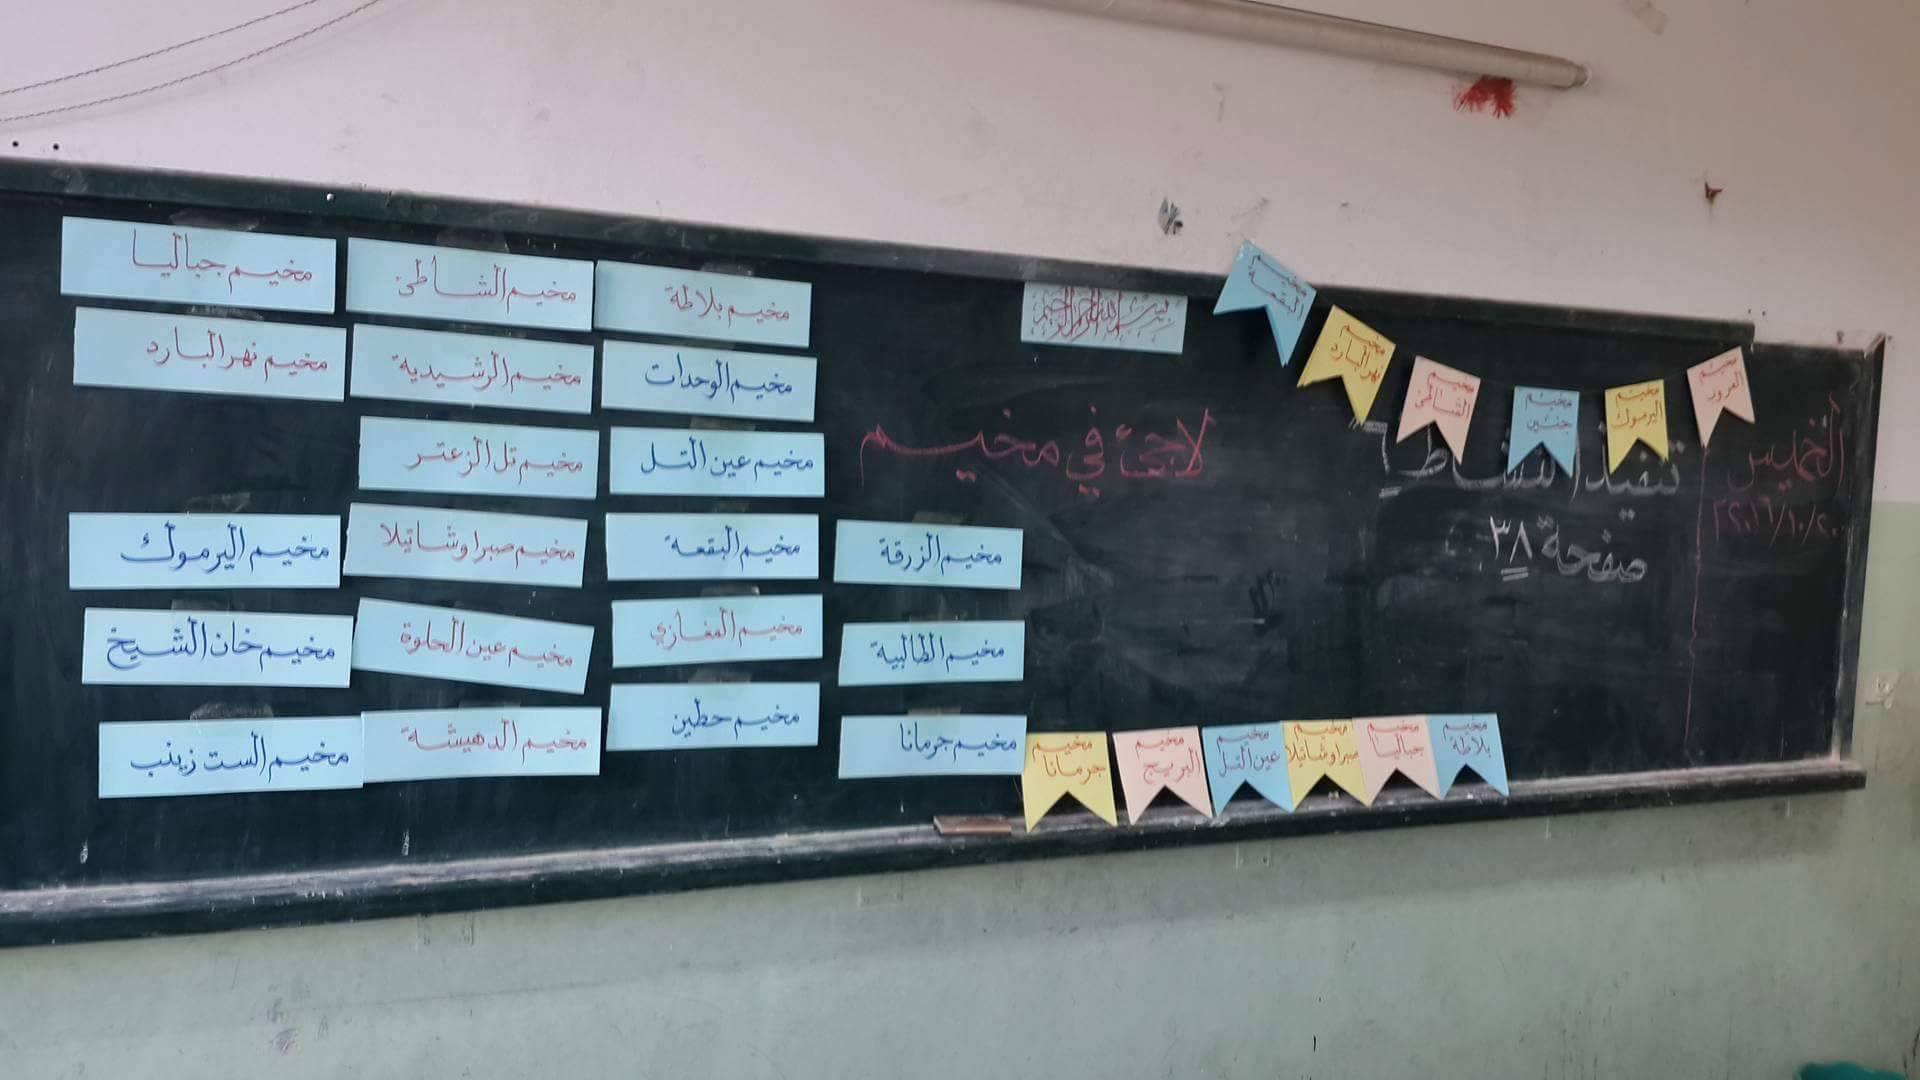 نشاطات طلابية في إحدى مدارس غزة الابتدائية